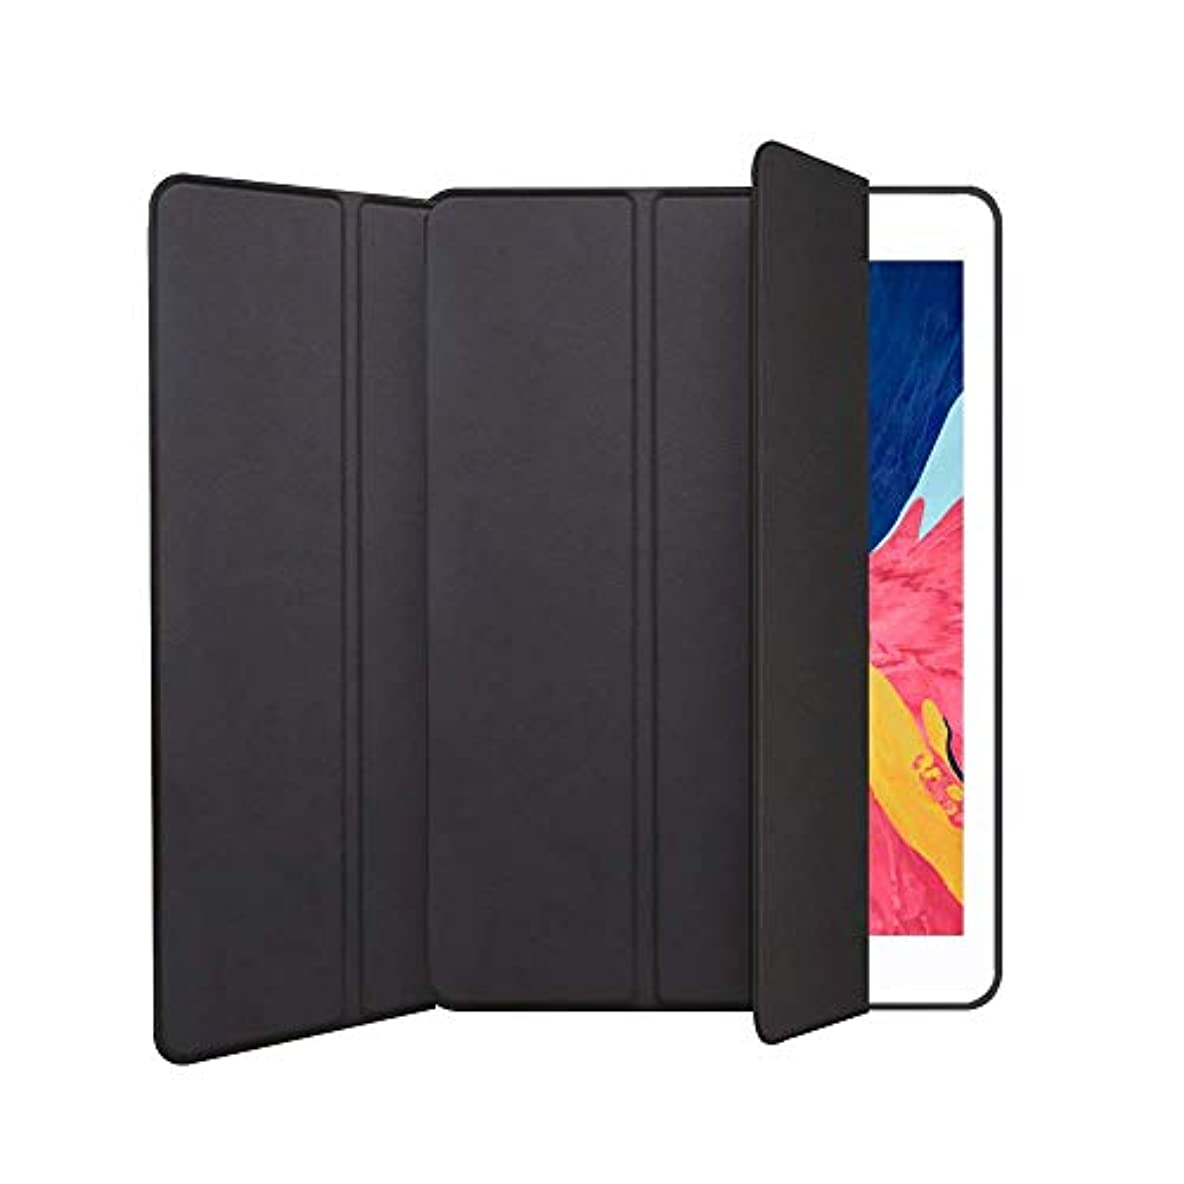 フラグラント低下管理するiPad Mini 5 ケース 2019 薄型 TPUソフト スマート カバー iPad Mini 5ケース キズ防止 三つ折り スタンド オートスリープ ウェイクアップ 機能 iPad Mini5(第五世代) 専用 (ブラック)